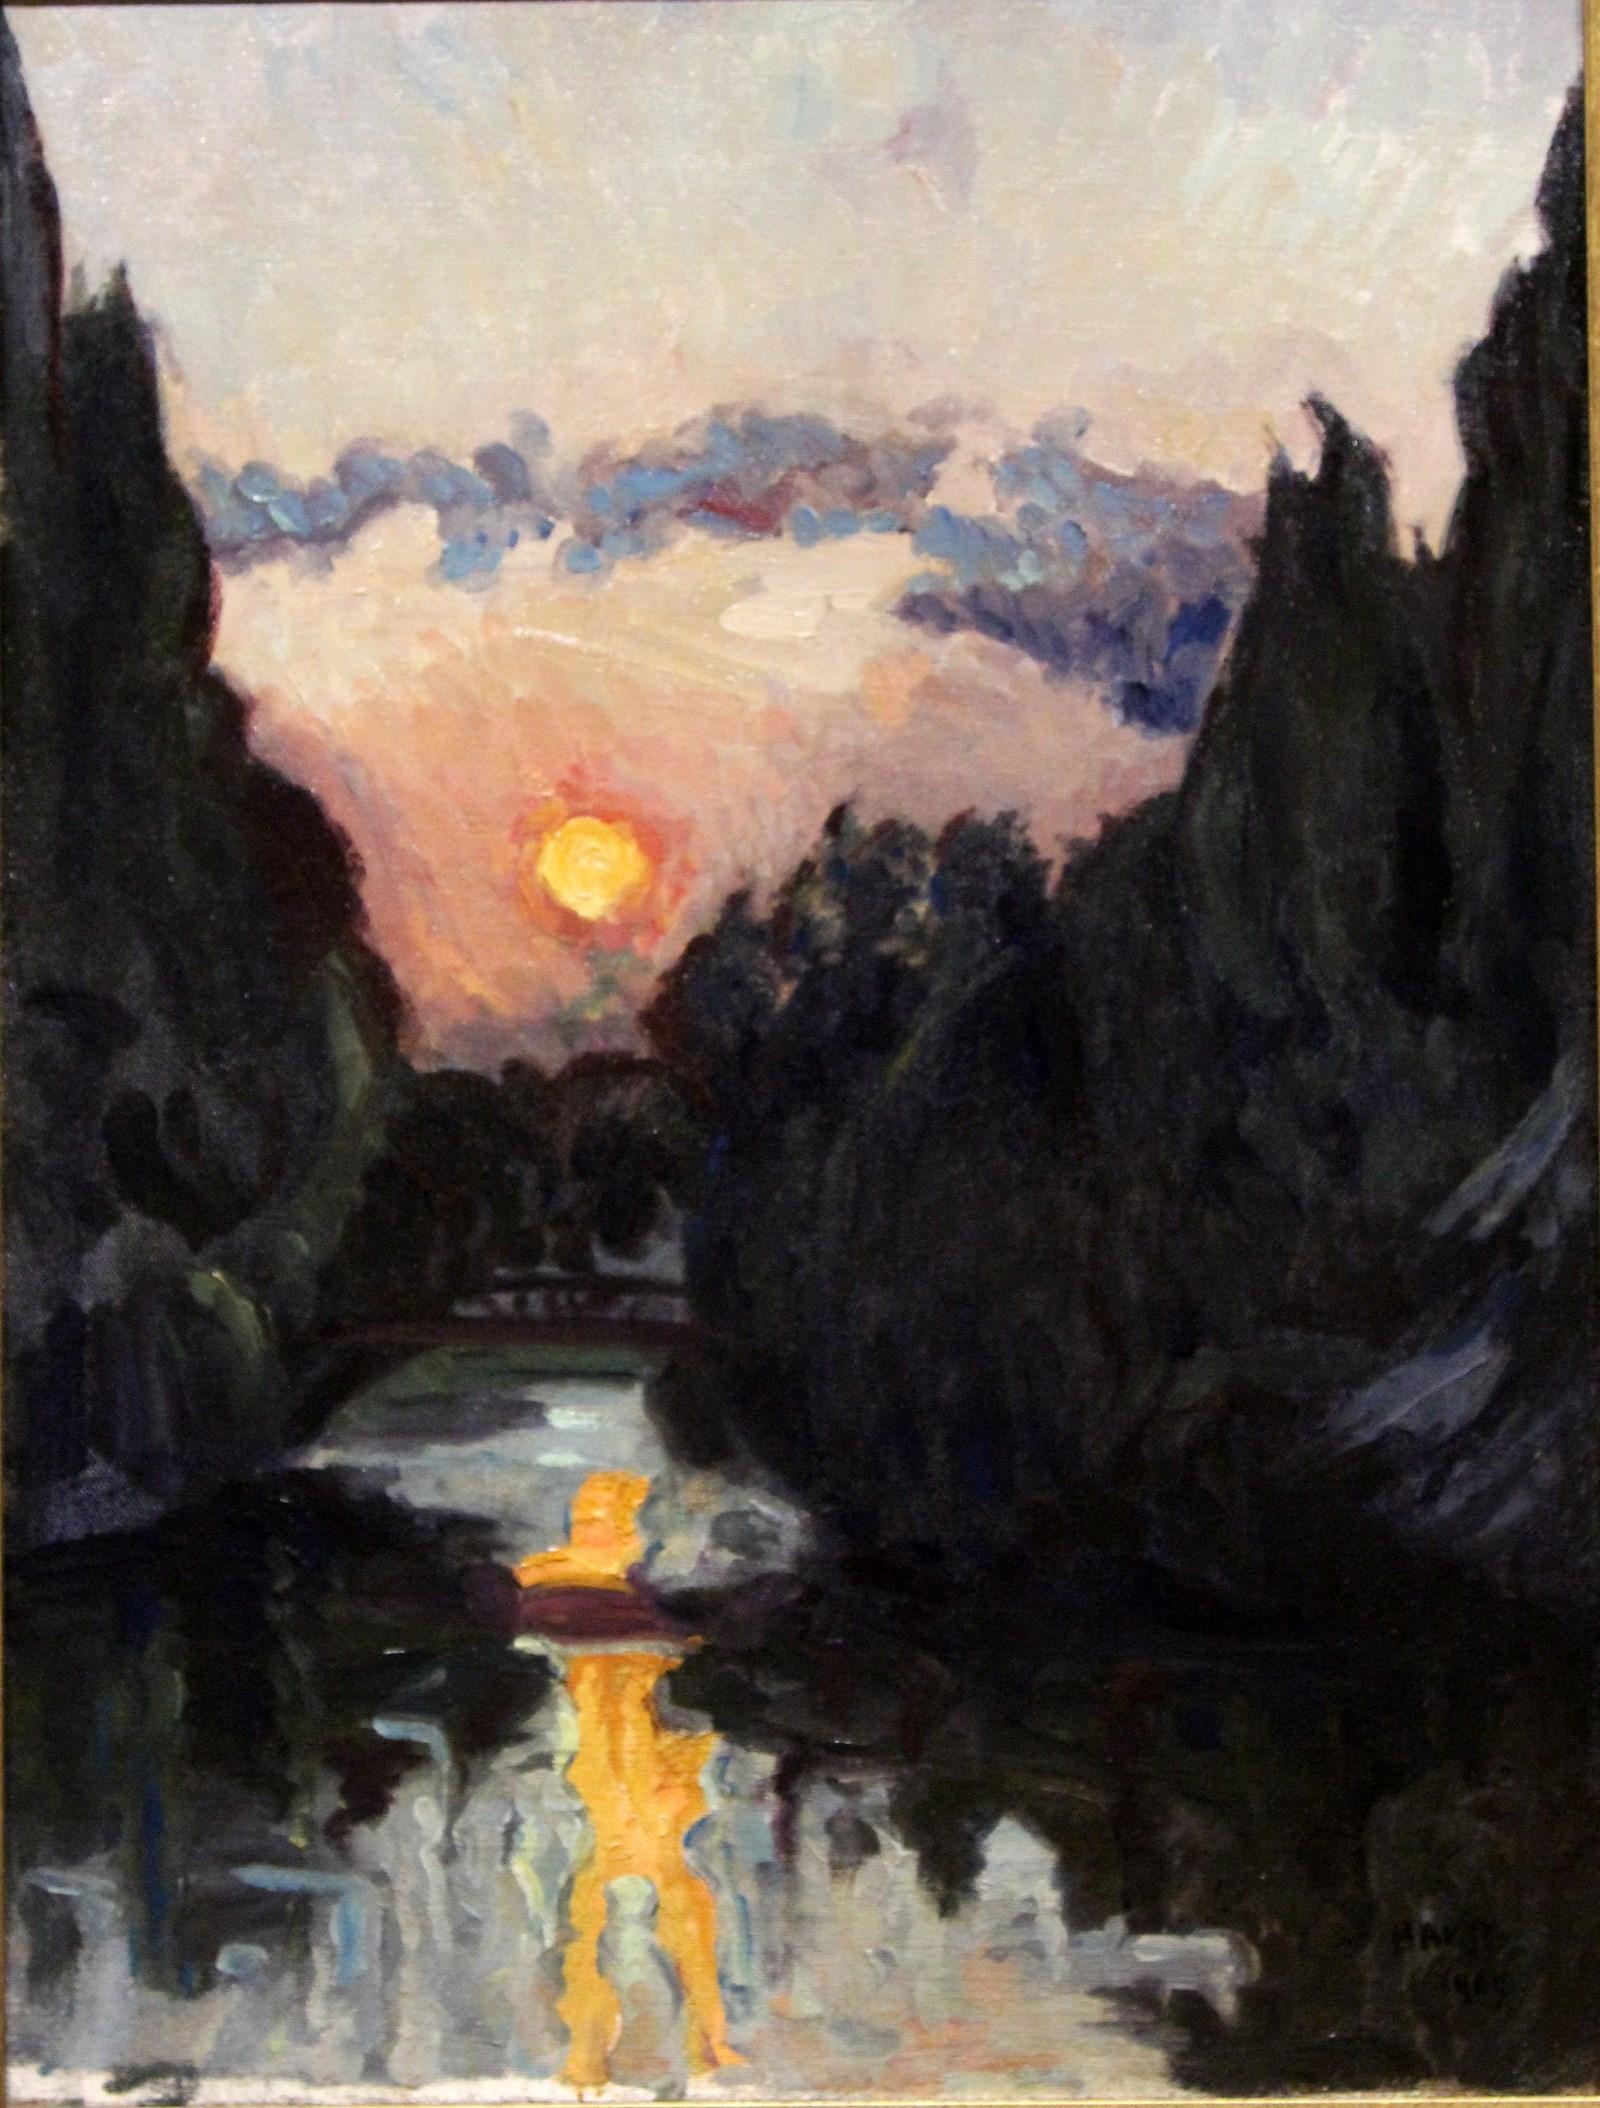 Бакст Лев. 1866-1924 Сумерки над озером. 1909 Холст, масло. Из корпоративной коллекции Белгазпромбанка.